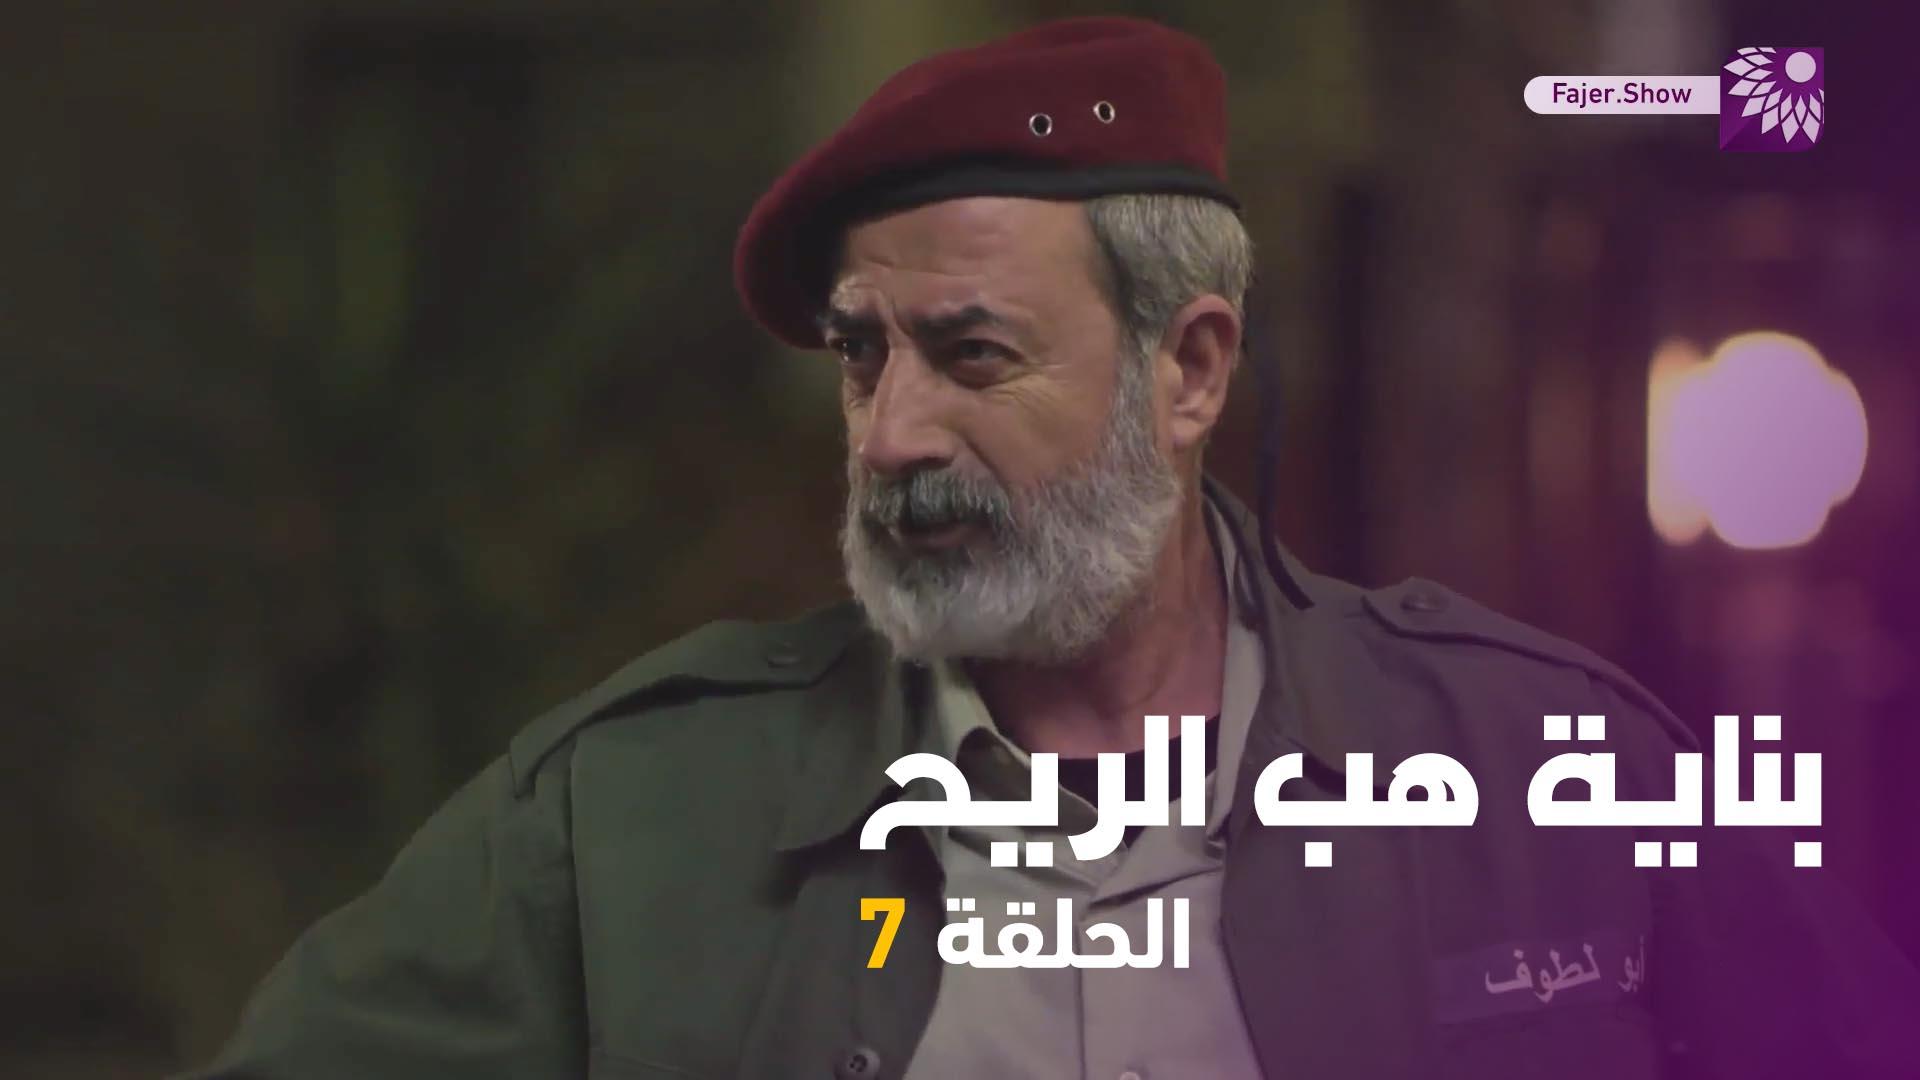 بناية هب الريح | الحلقة 7